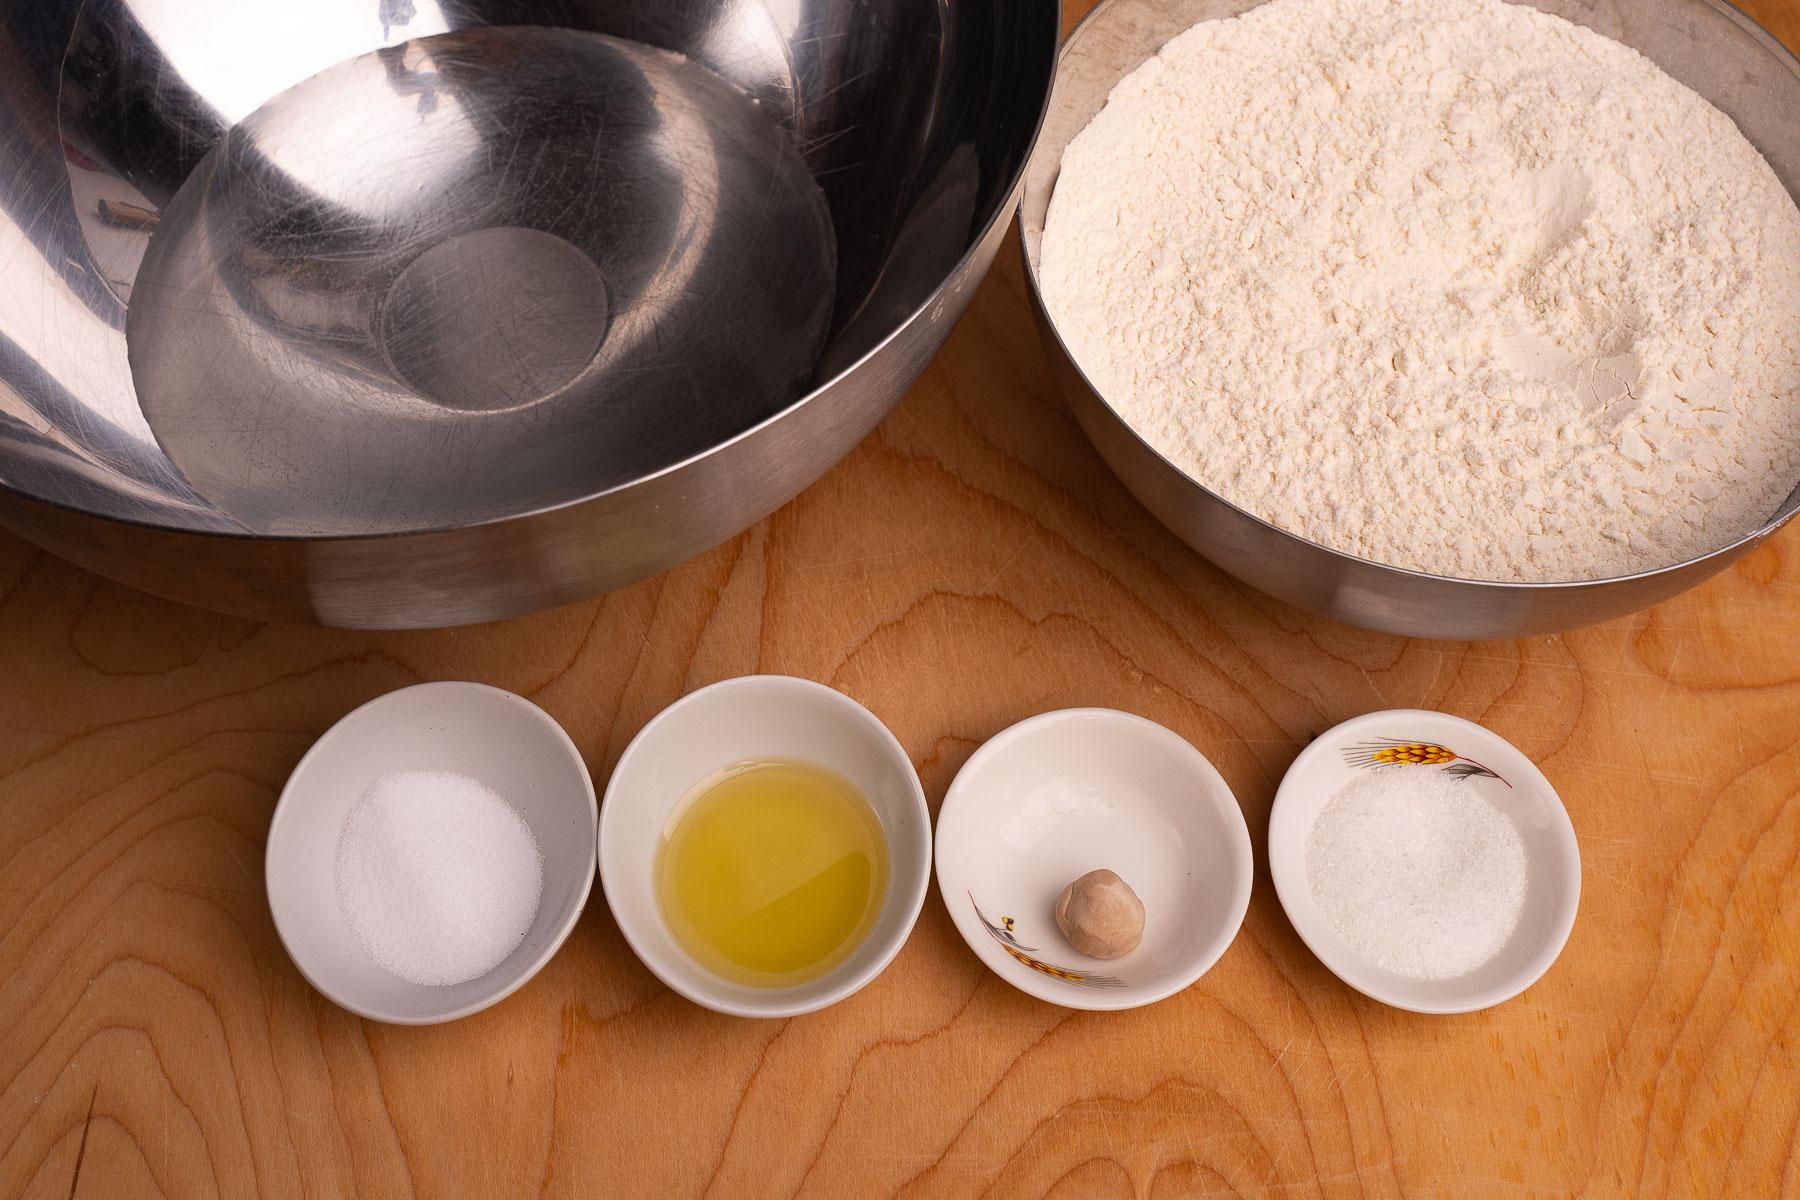 składniki ciasta: mąka, woda, drożdże, sól, oliwa, cukier